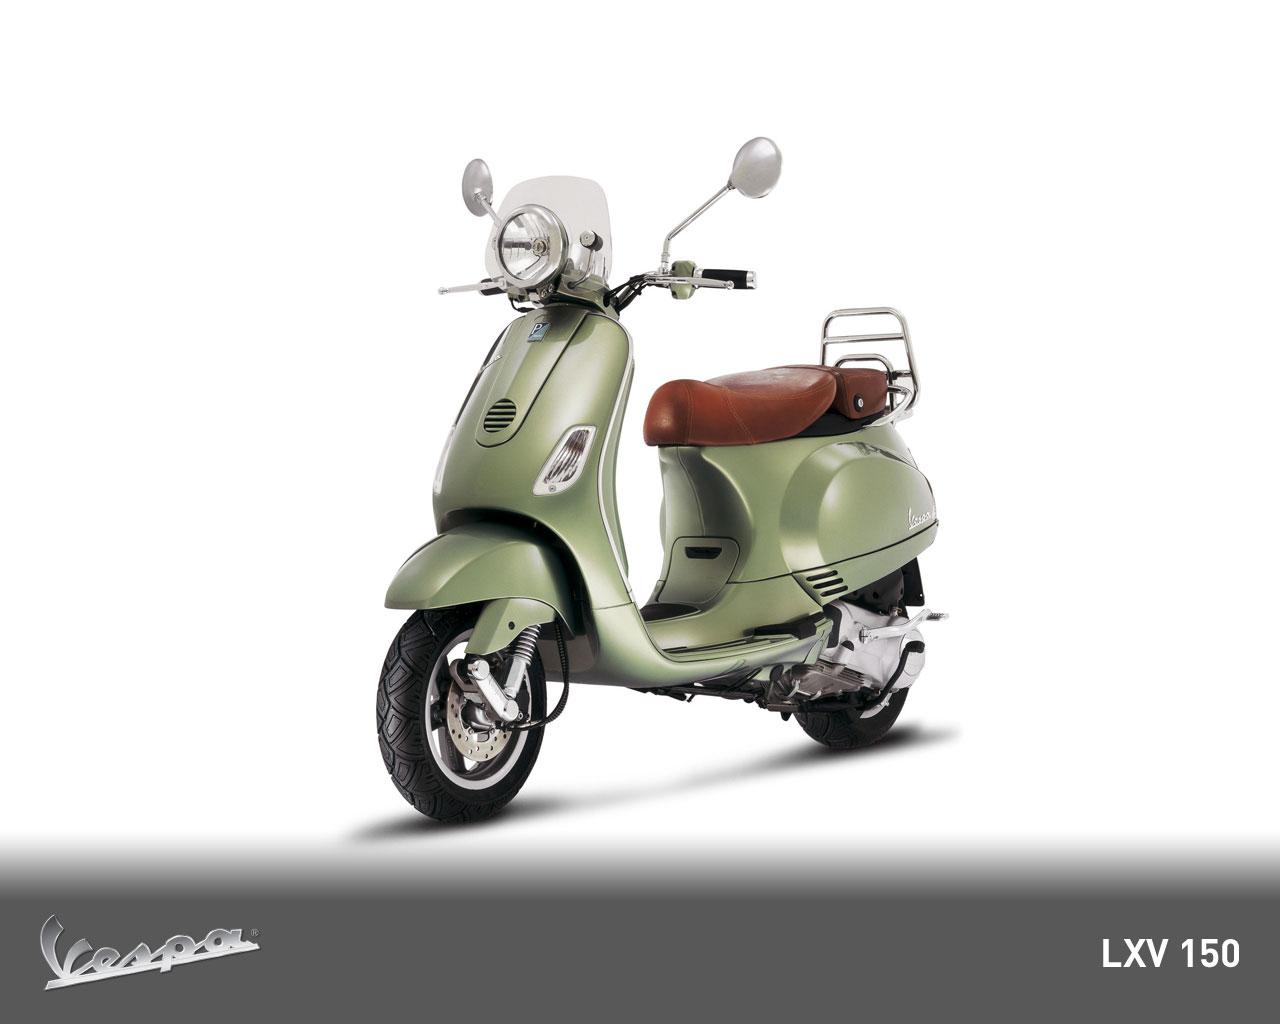 Vespa Pictures: Vespa LXV 150 ie - 2010